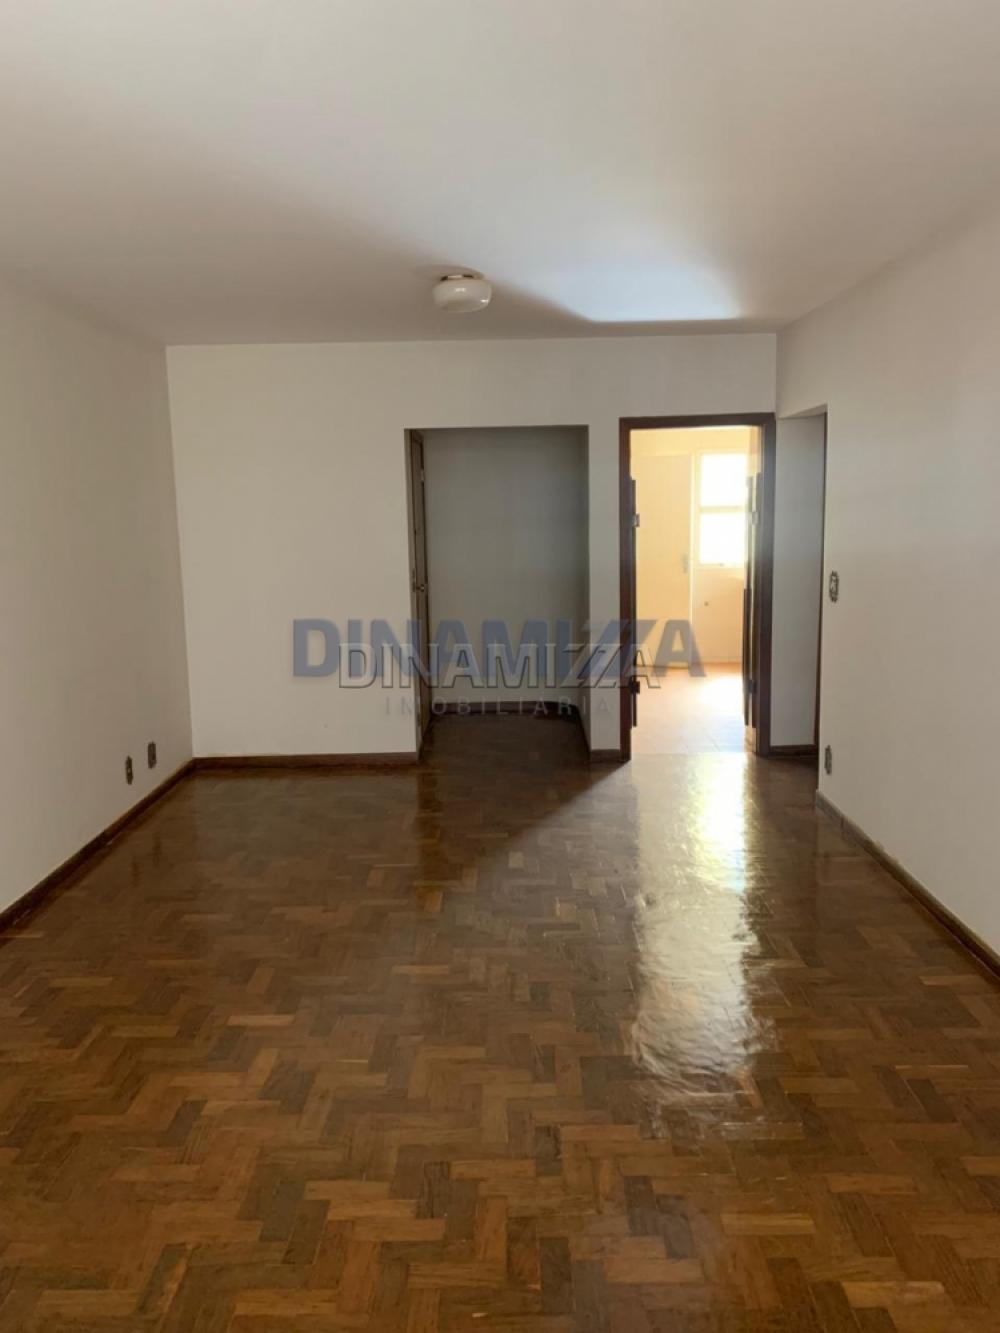 Alugar Apartamento / Padrão em Uberaba R$ 500,00 - Foto 3